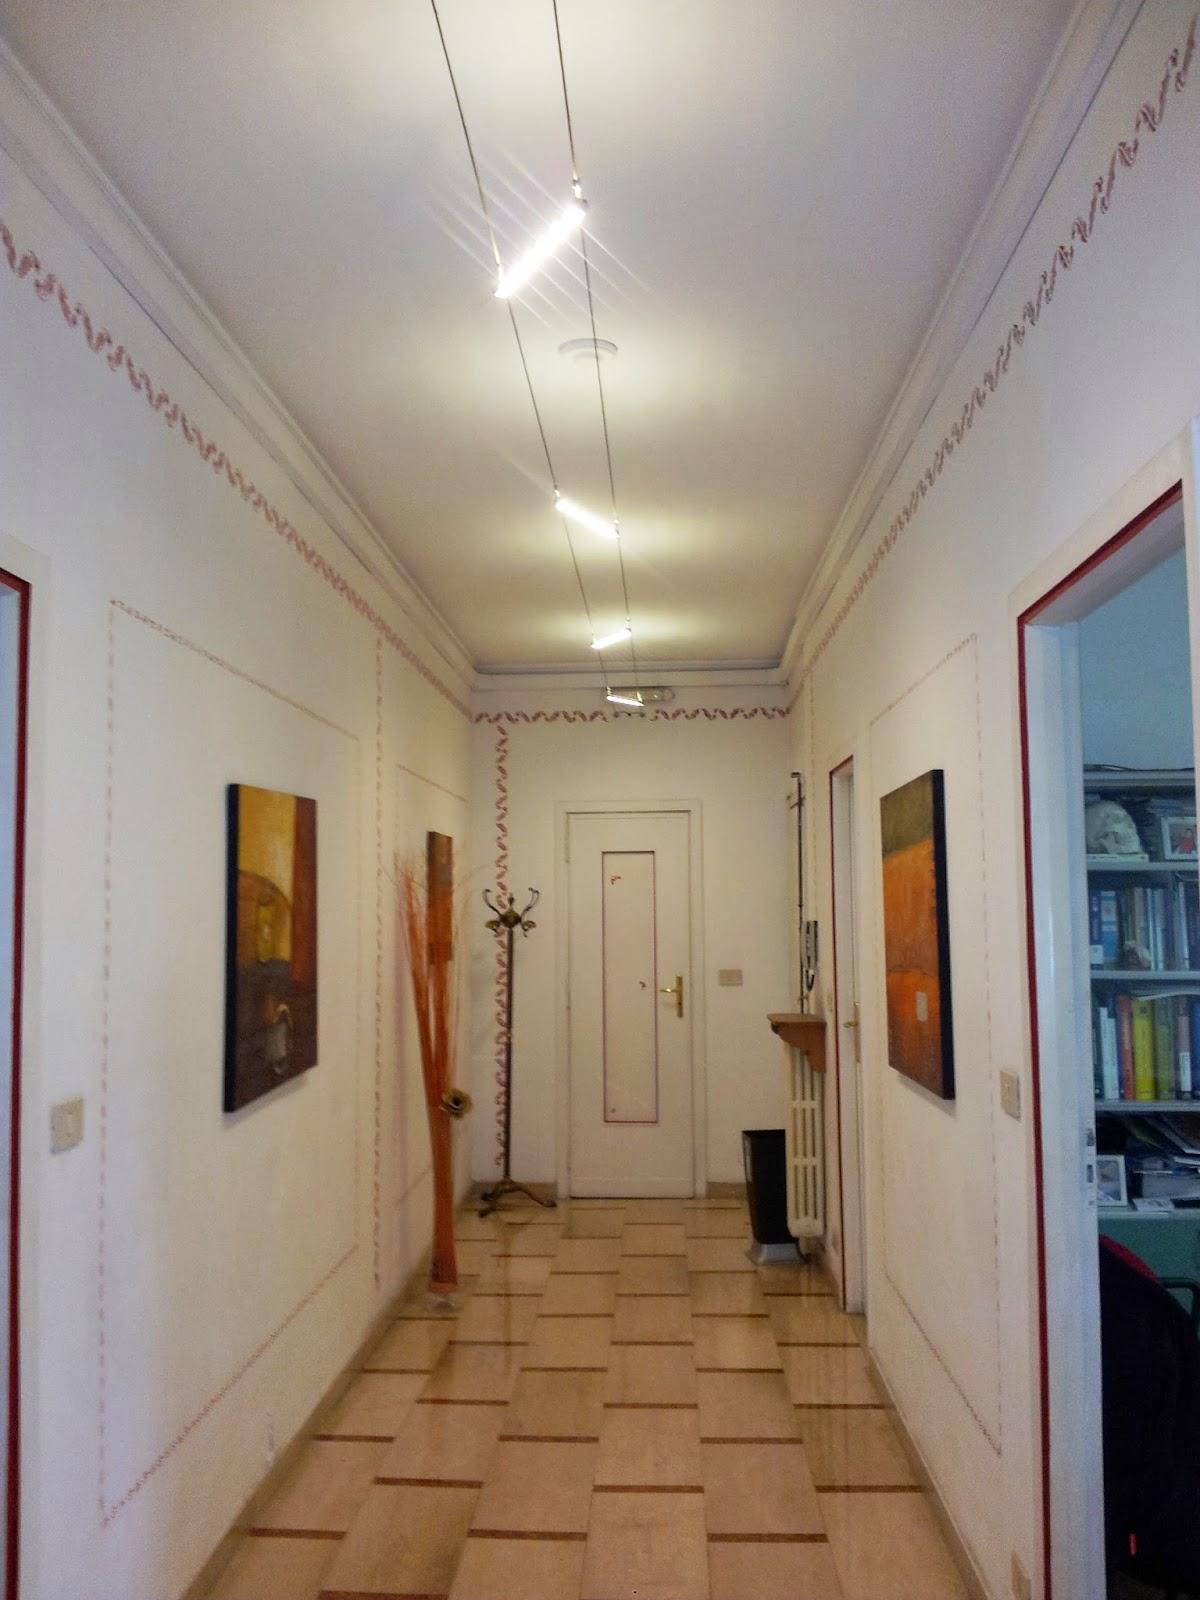 Illuminazione led casa gennaio 2015 for Illuminazione interni casa